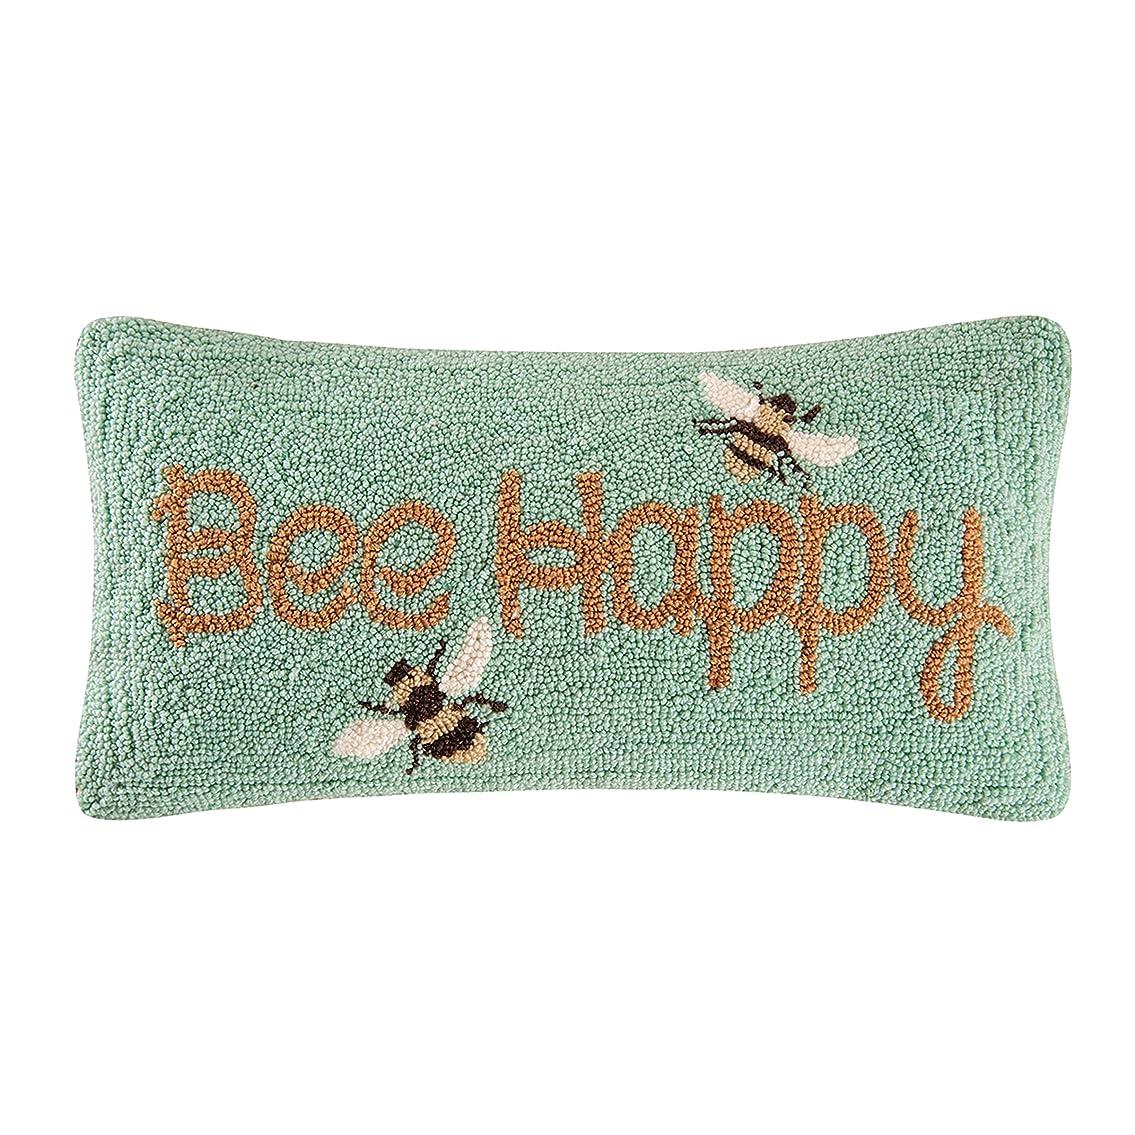 鳴らす普及豆腐C & FホームBee Happy Hooked枕、イエロー